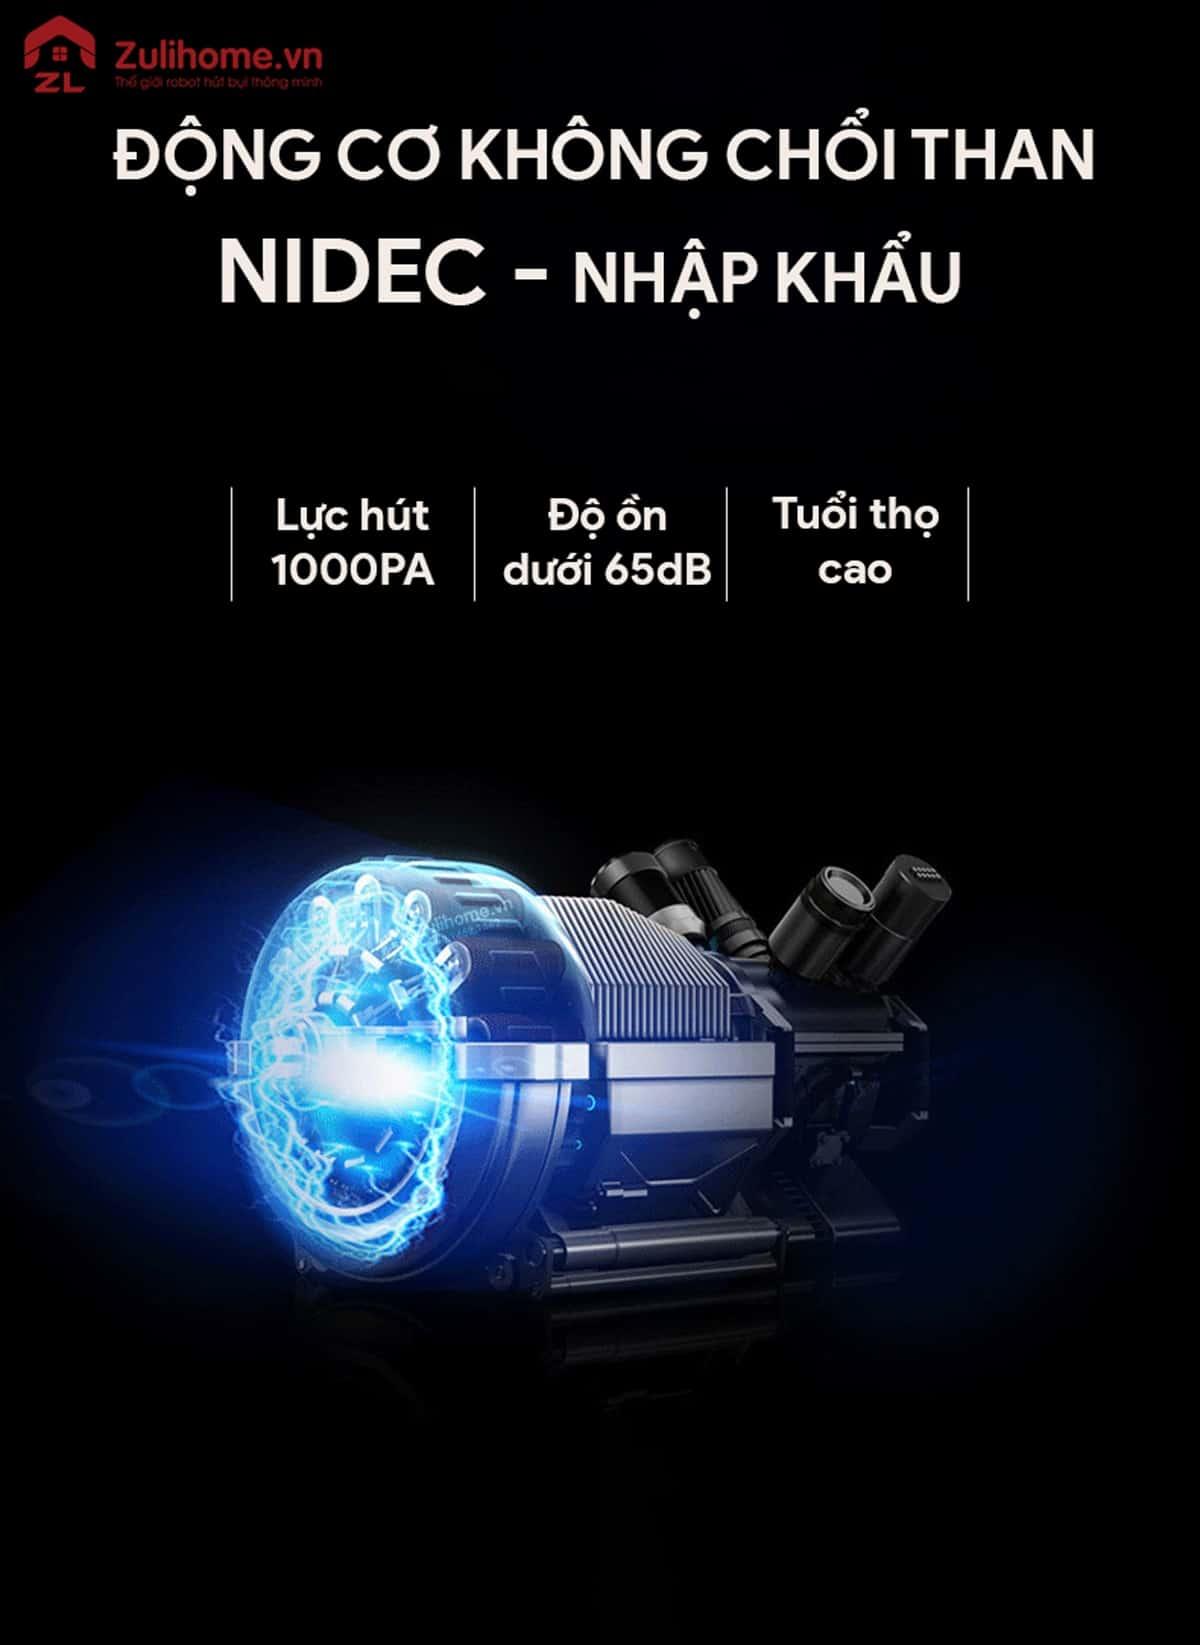 ILIFE X661 | Động cơ không chổi than